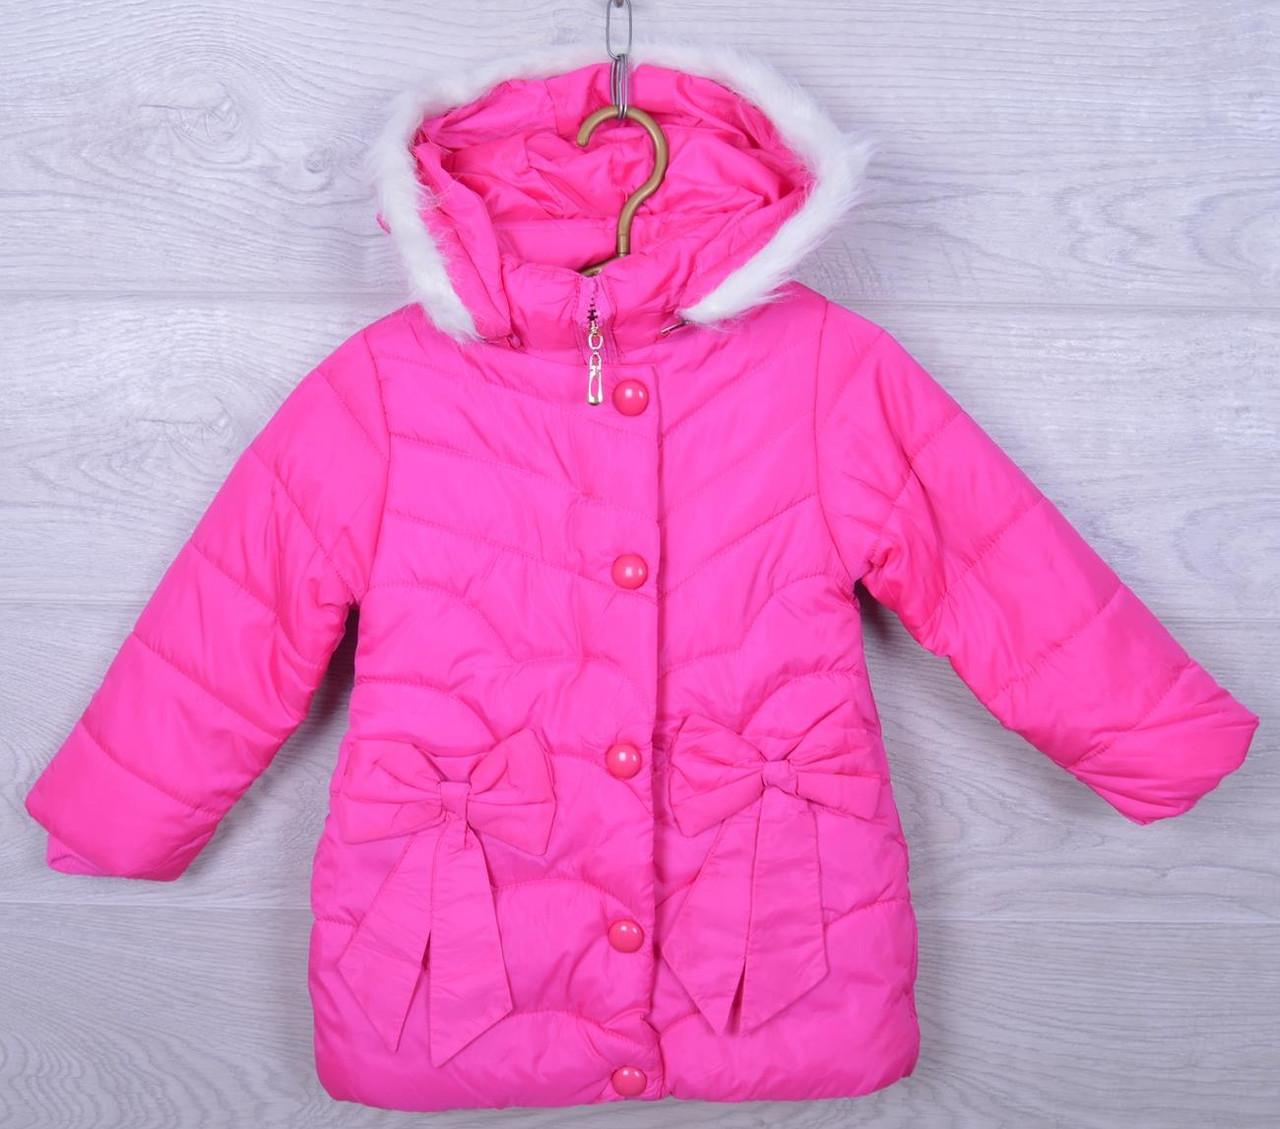 """Куртка детская демисезонная """"Бантики"""" #S73 для девочек. 4-6 лет. Ярко-розовая. Оптом."""